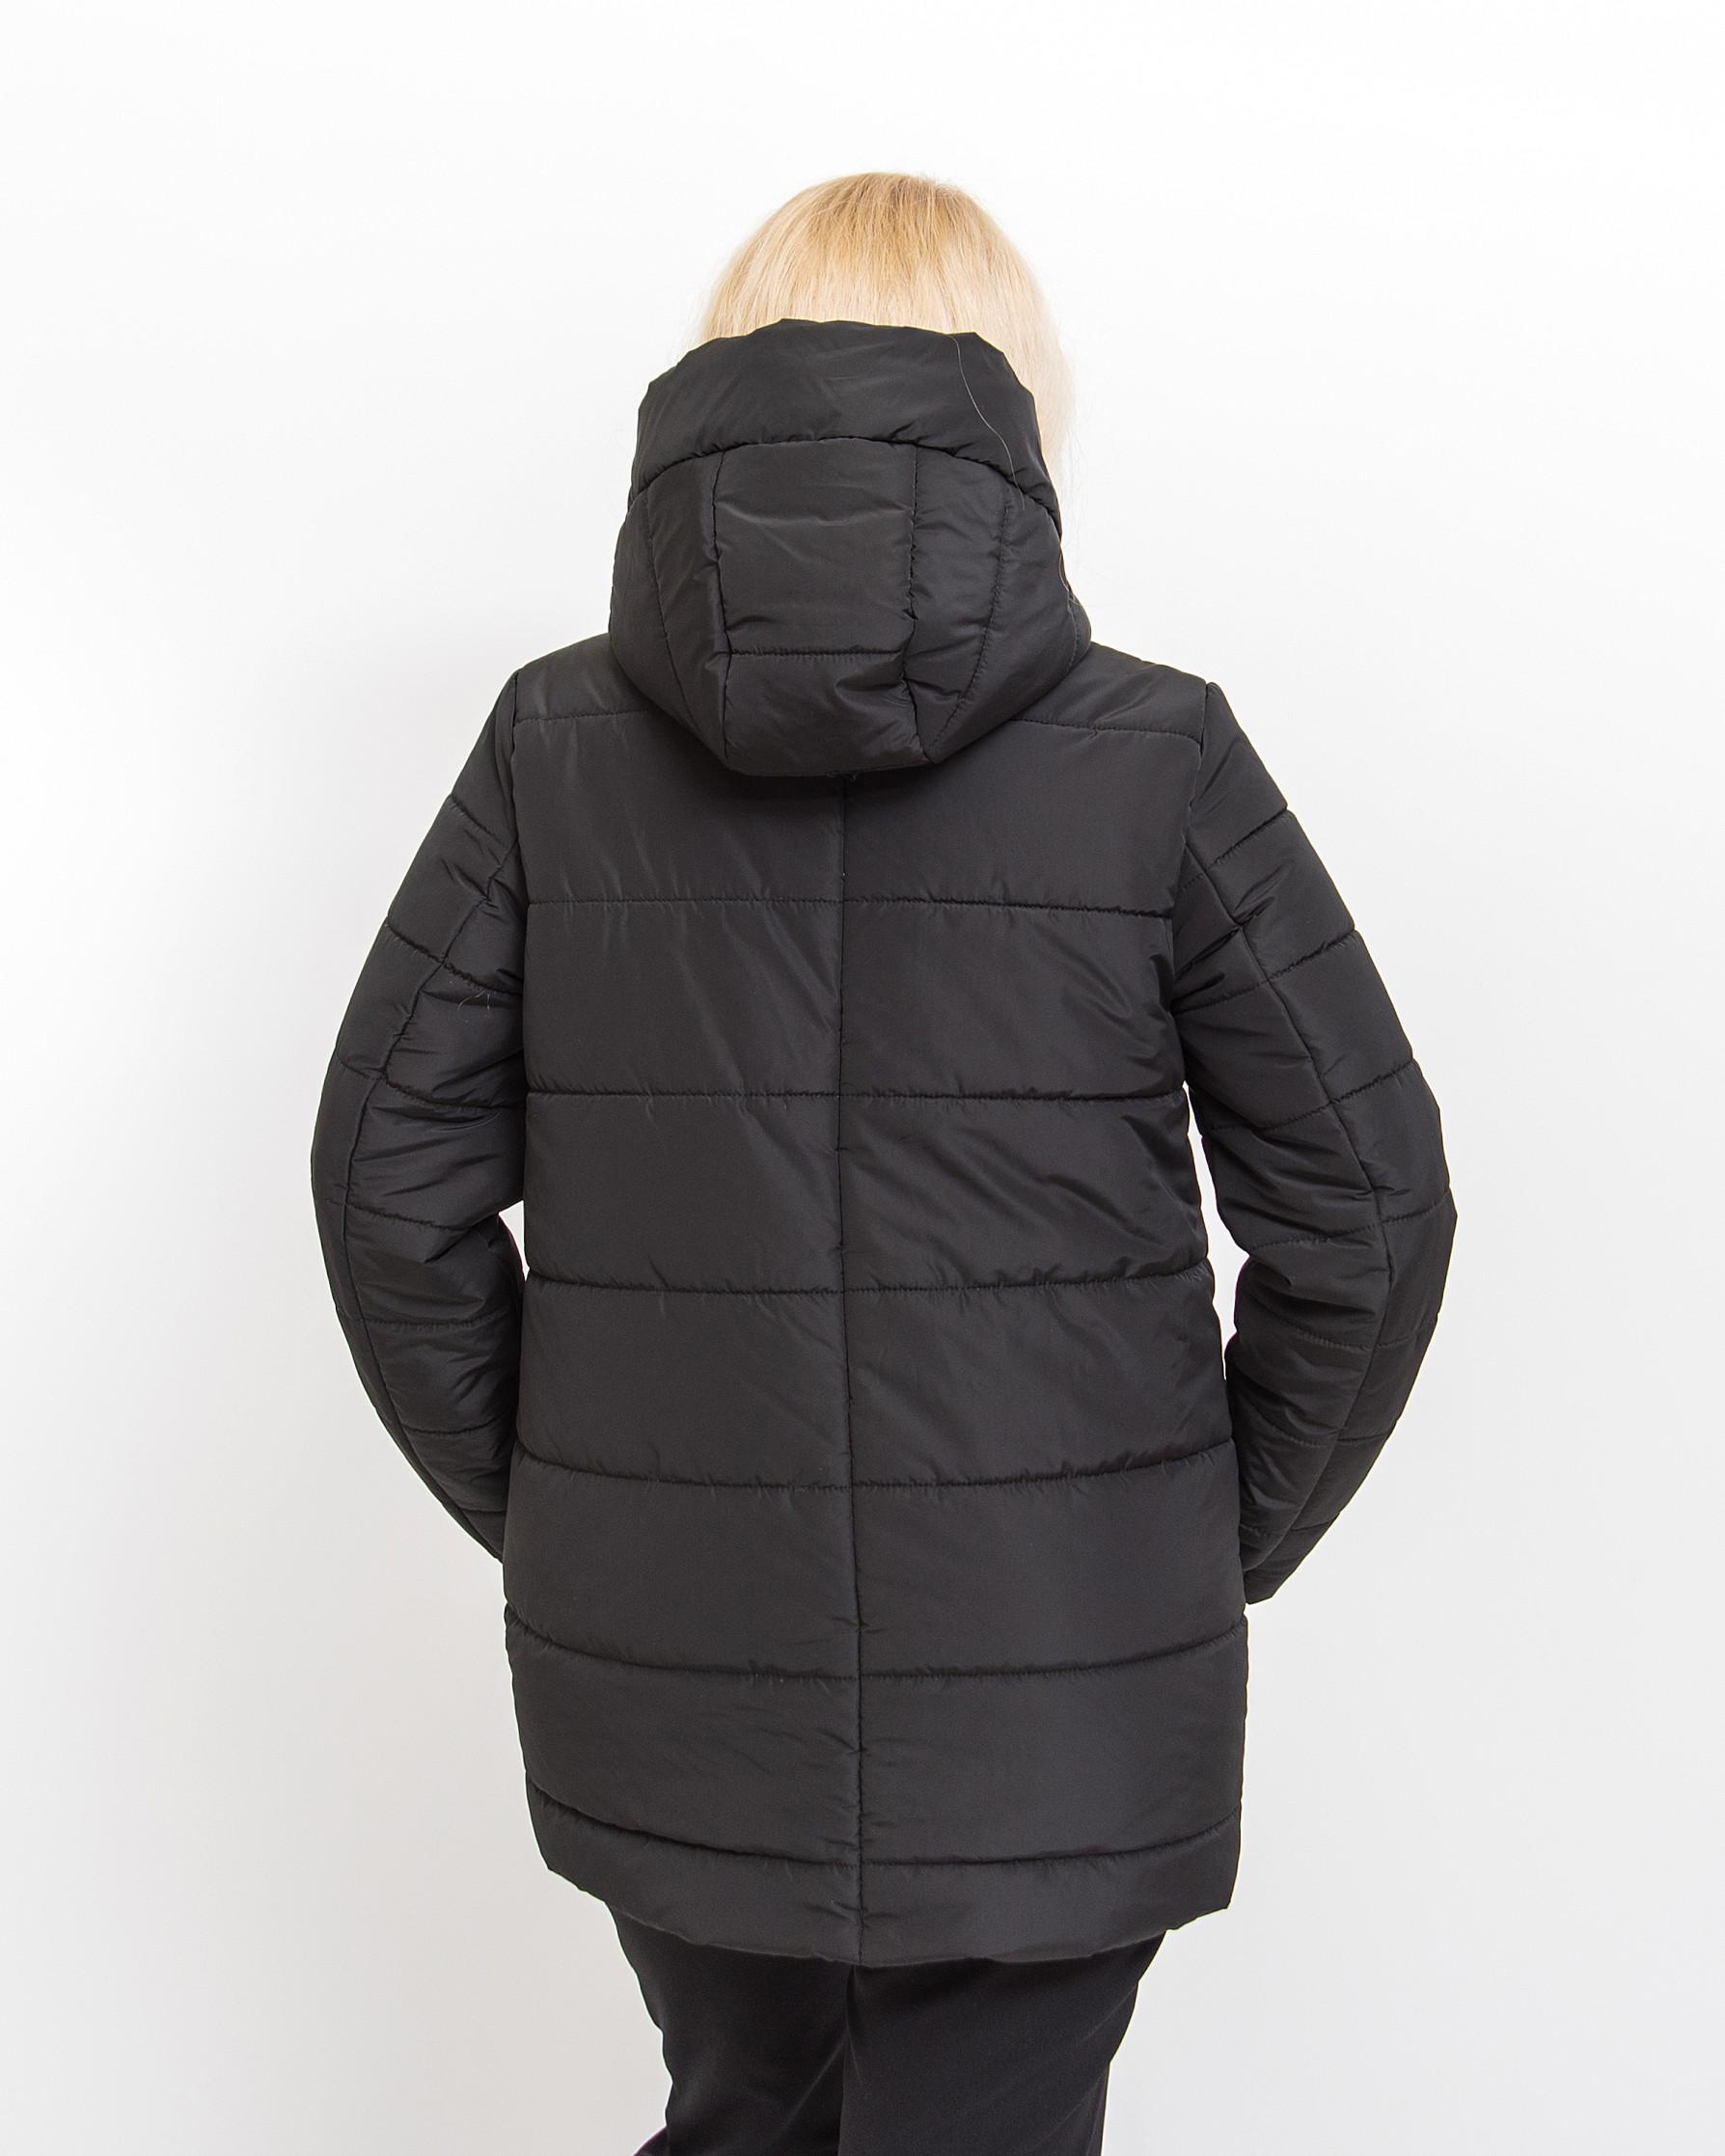 Демисезонная женская куртка Альма чёрного цвета